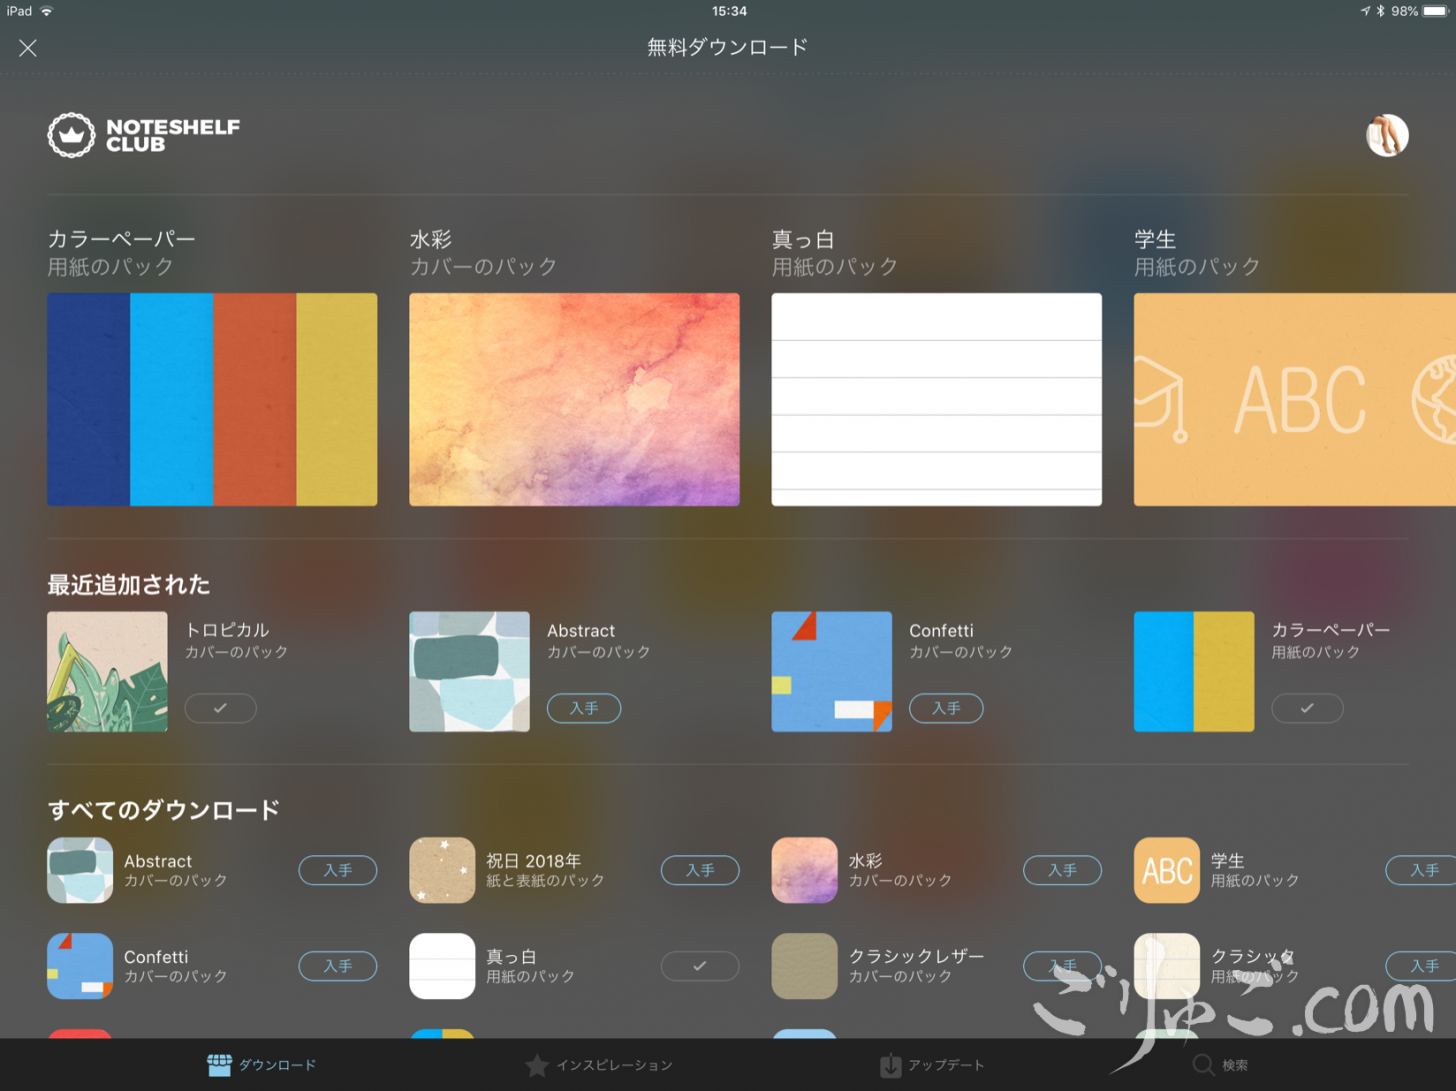 Ipadで手書きバレットジャーナル手帳を始める方法 ごりゅご Com Ipad ノート バレットジャーナル 手帳